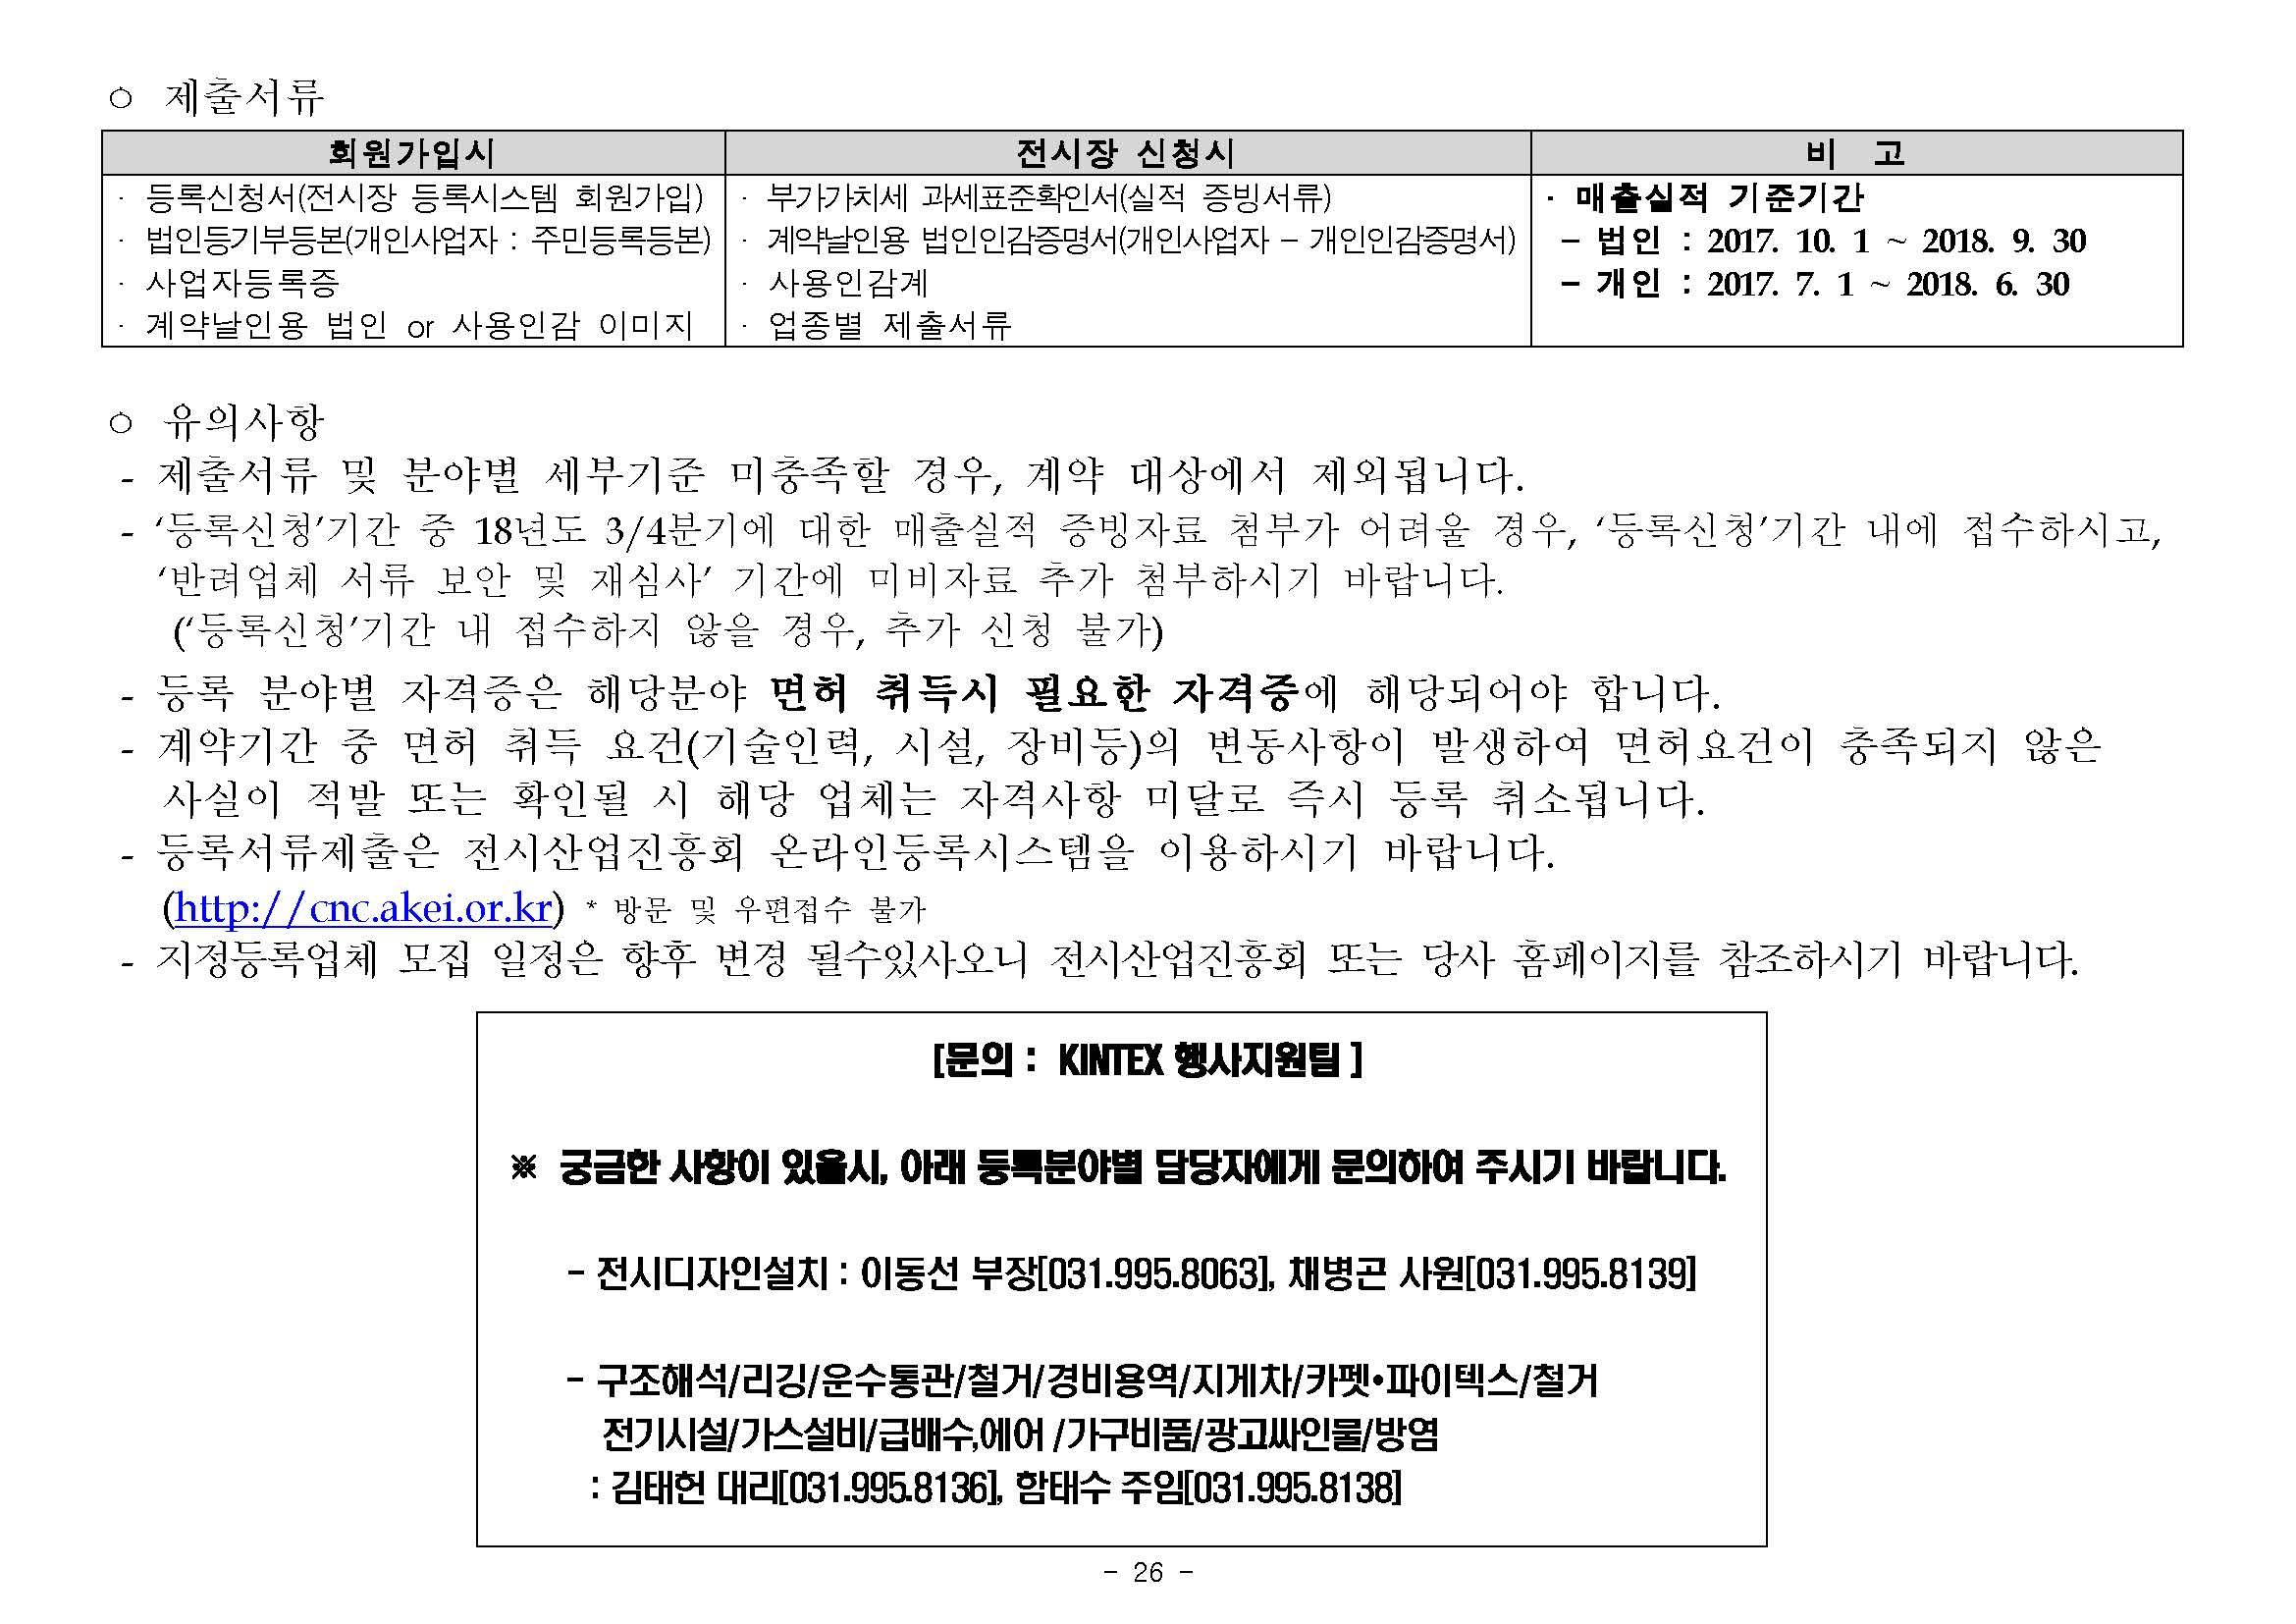 2019년 전국 전시장 온라인 등록신청 및 계약체결 공고문_페이지_26.jpg